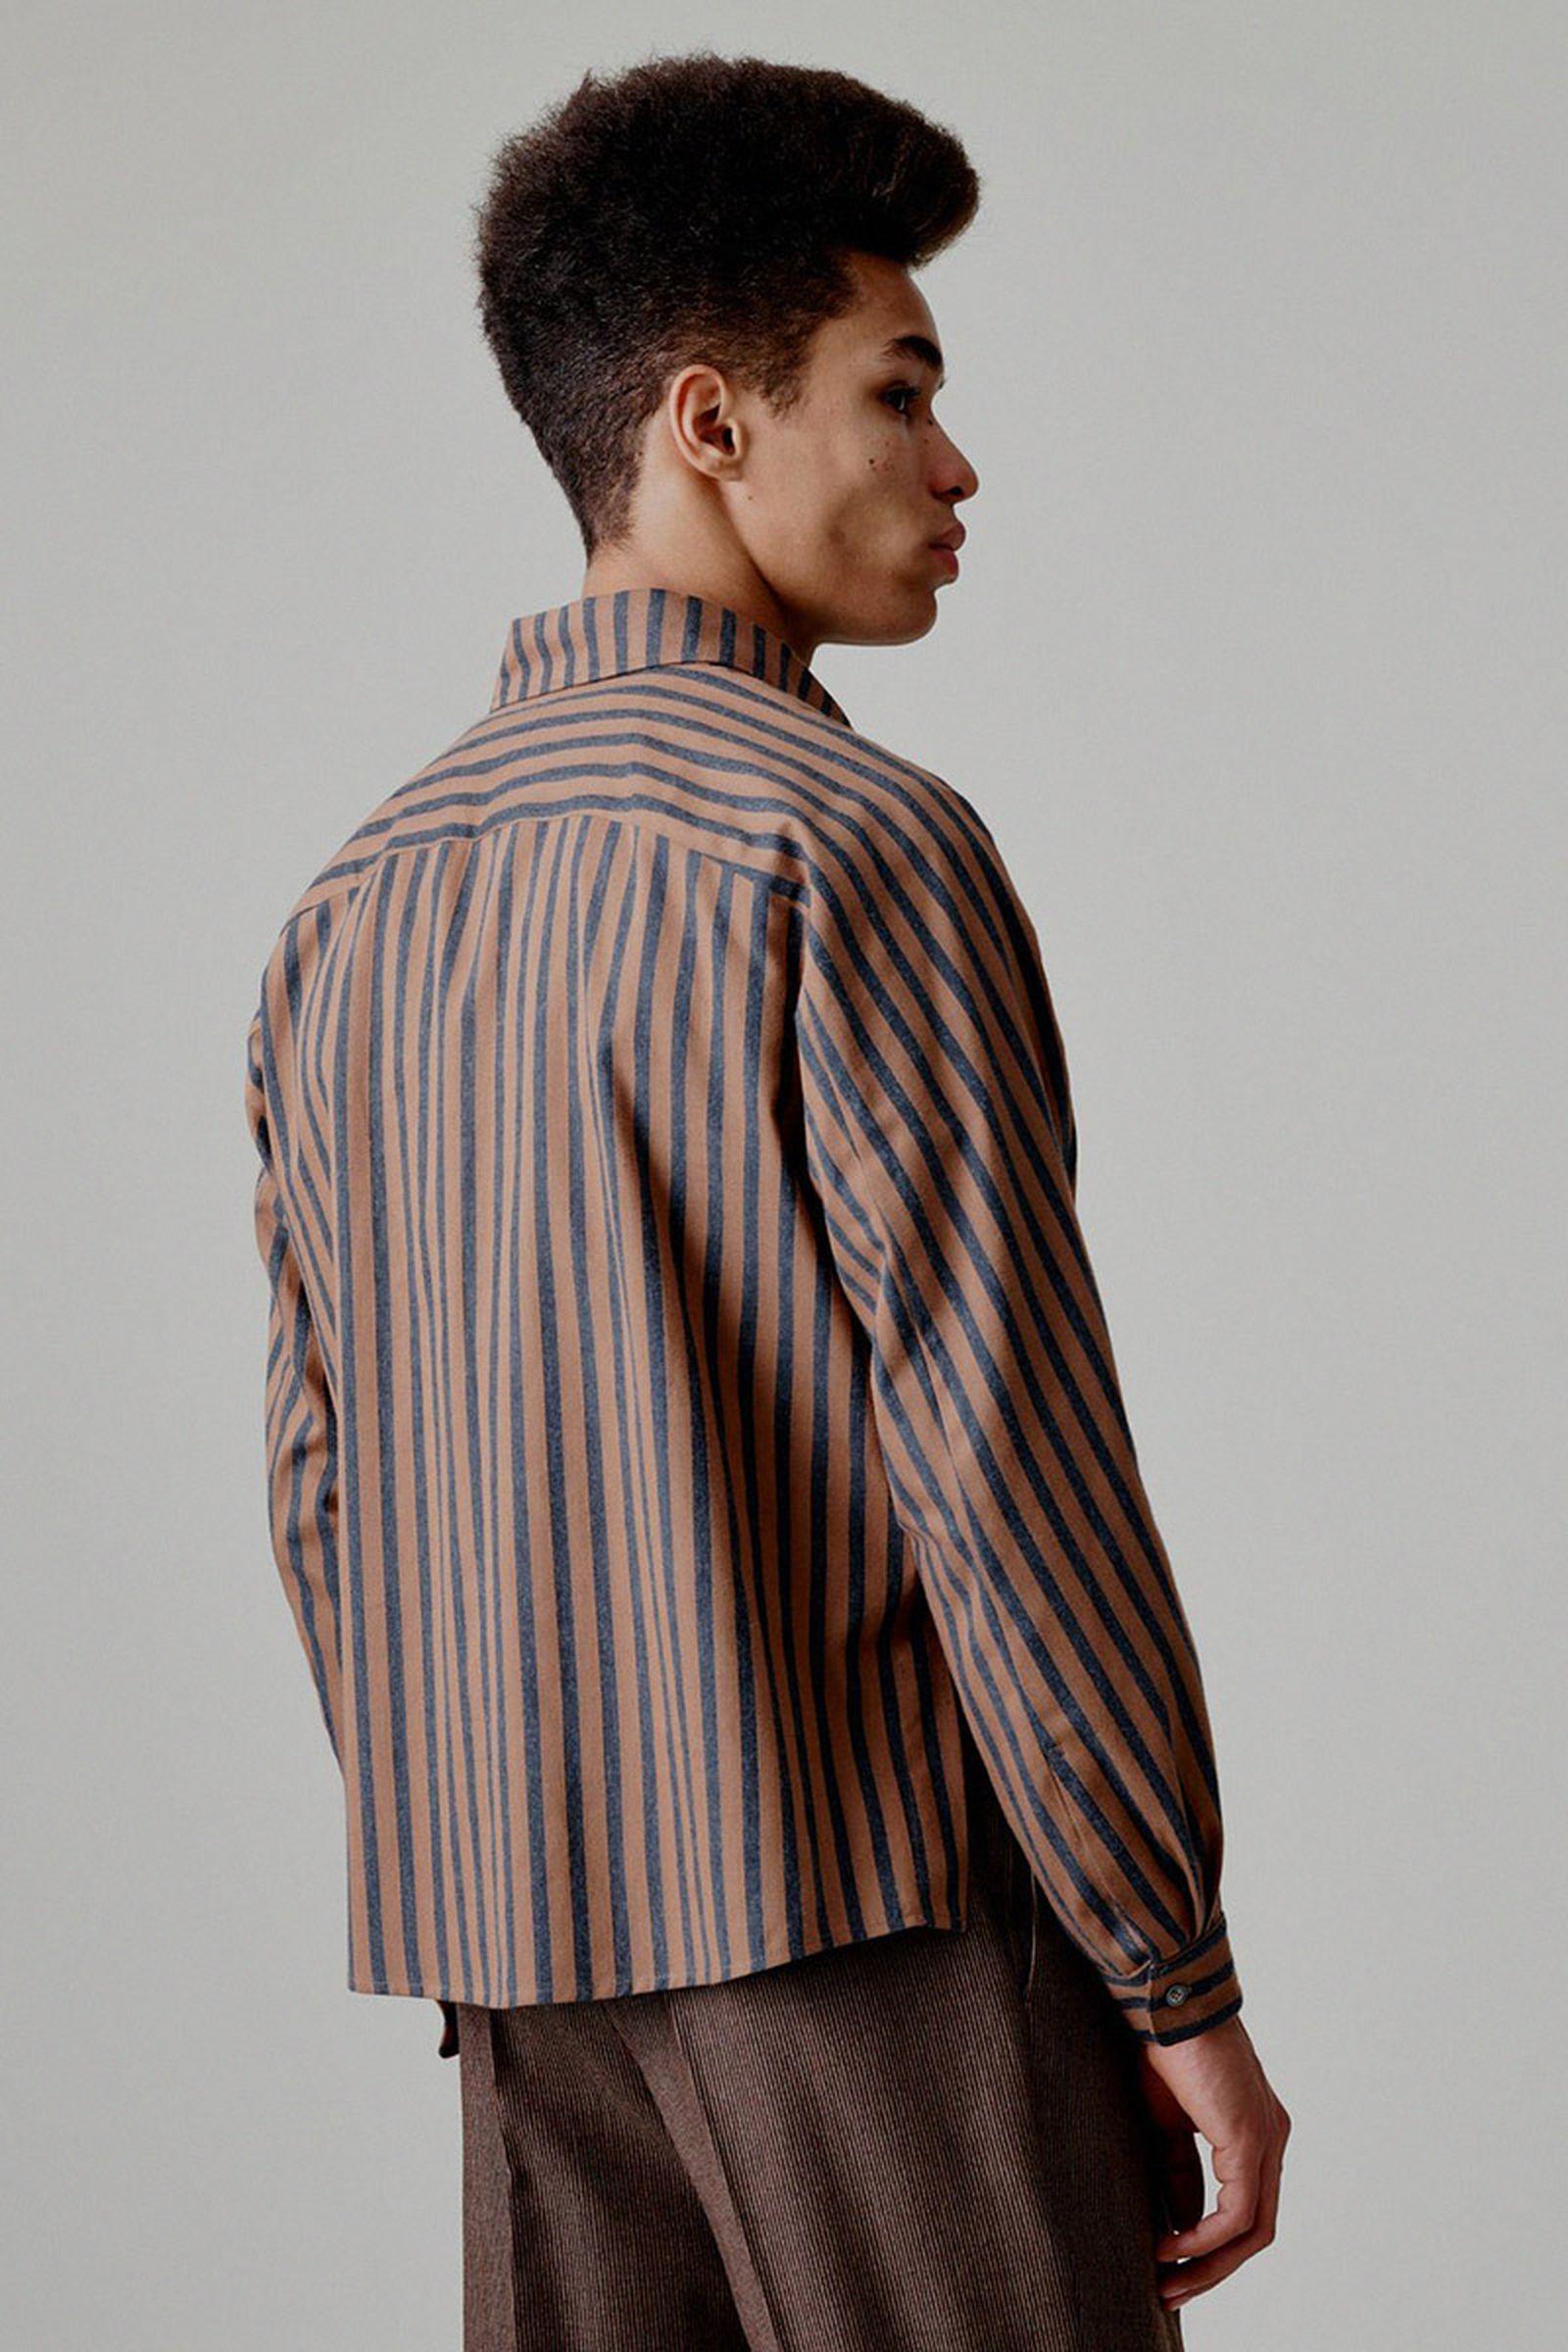 german clothing brands 023c Adidas Boulezar